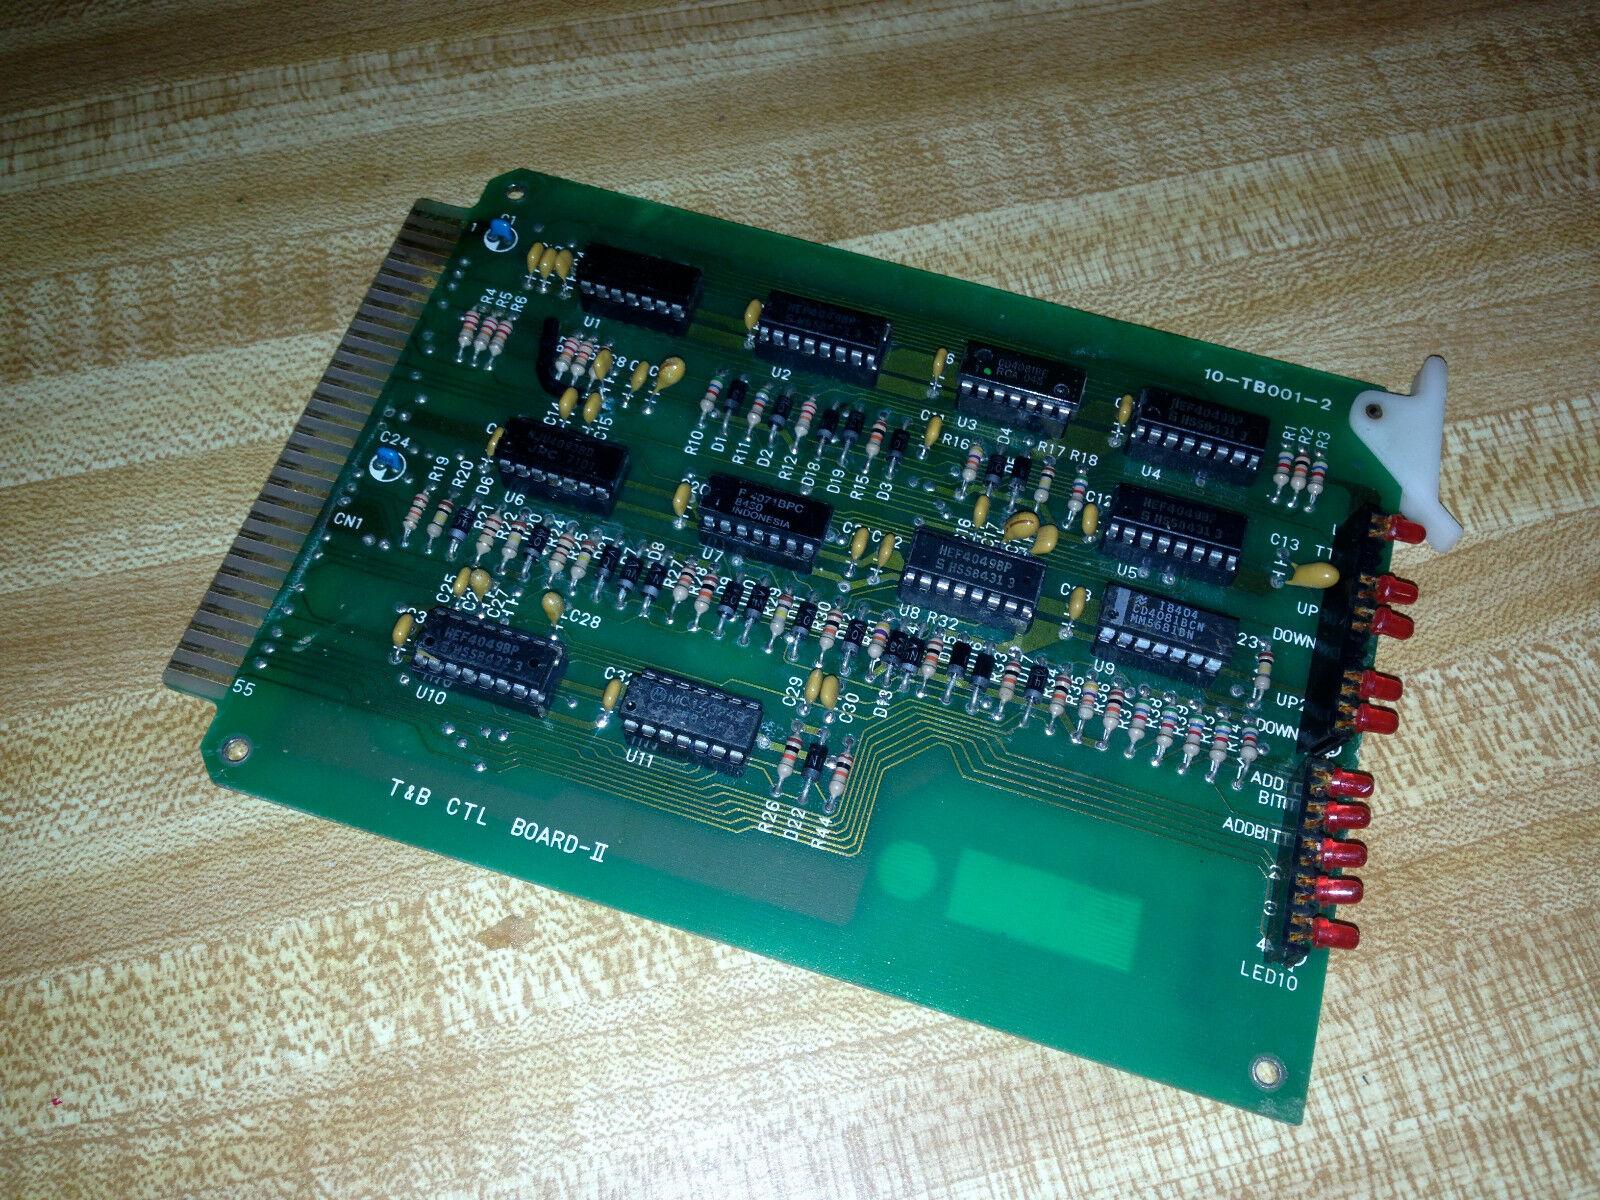 T&B CTL CIRCUIT BOARD II CARD 10-TB001-2 10TB0012